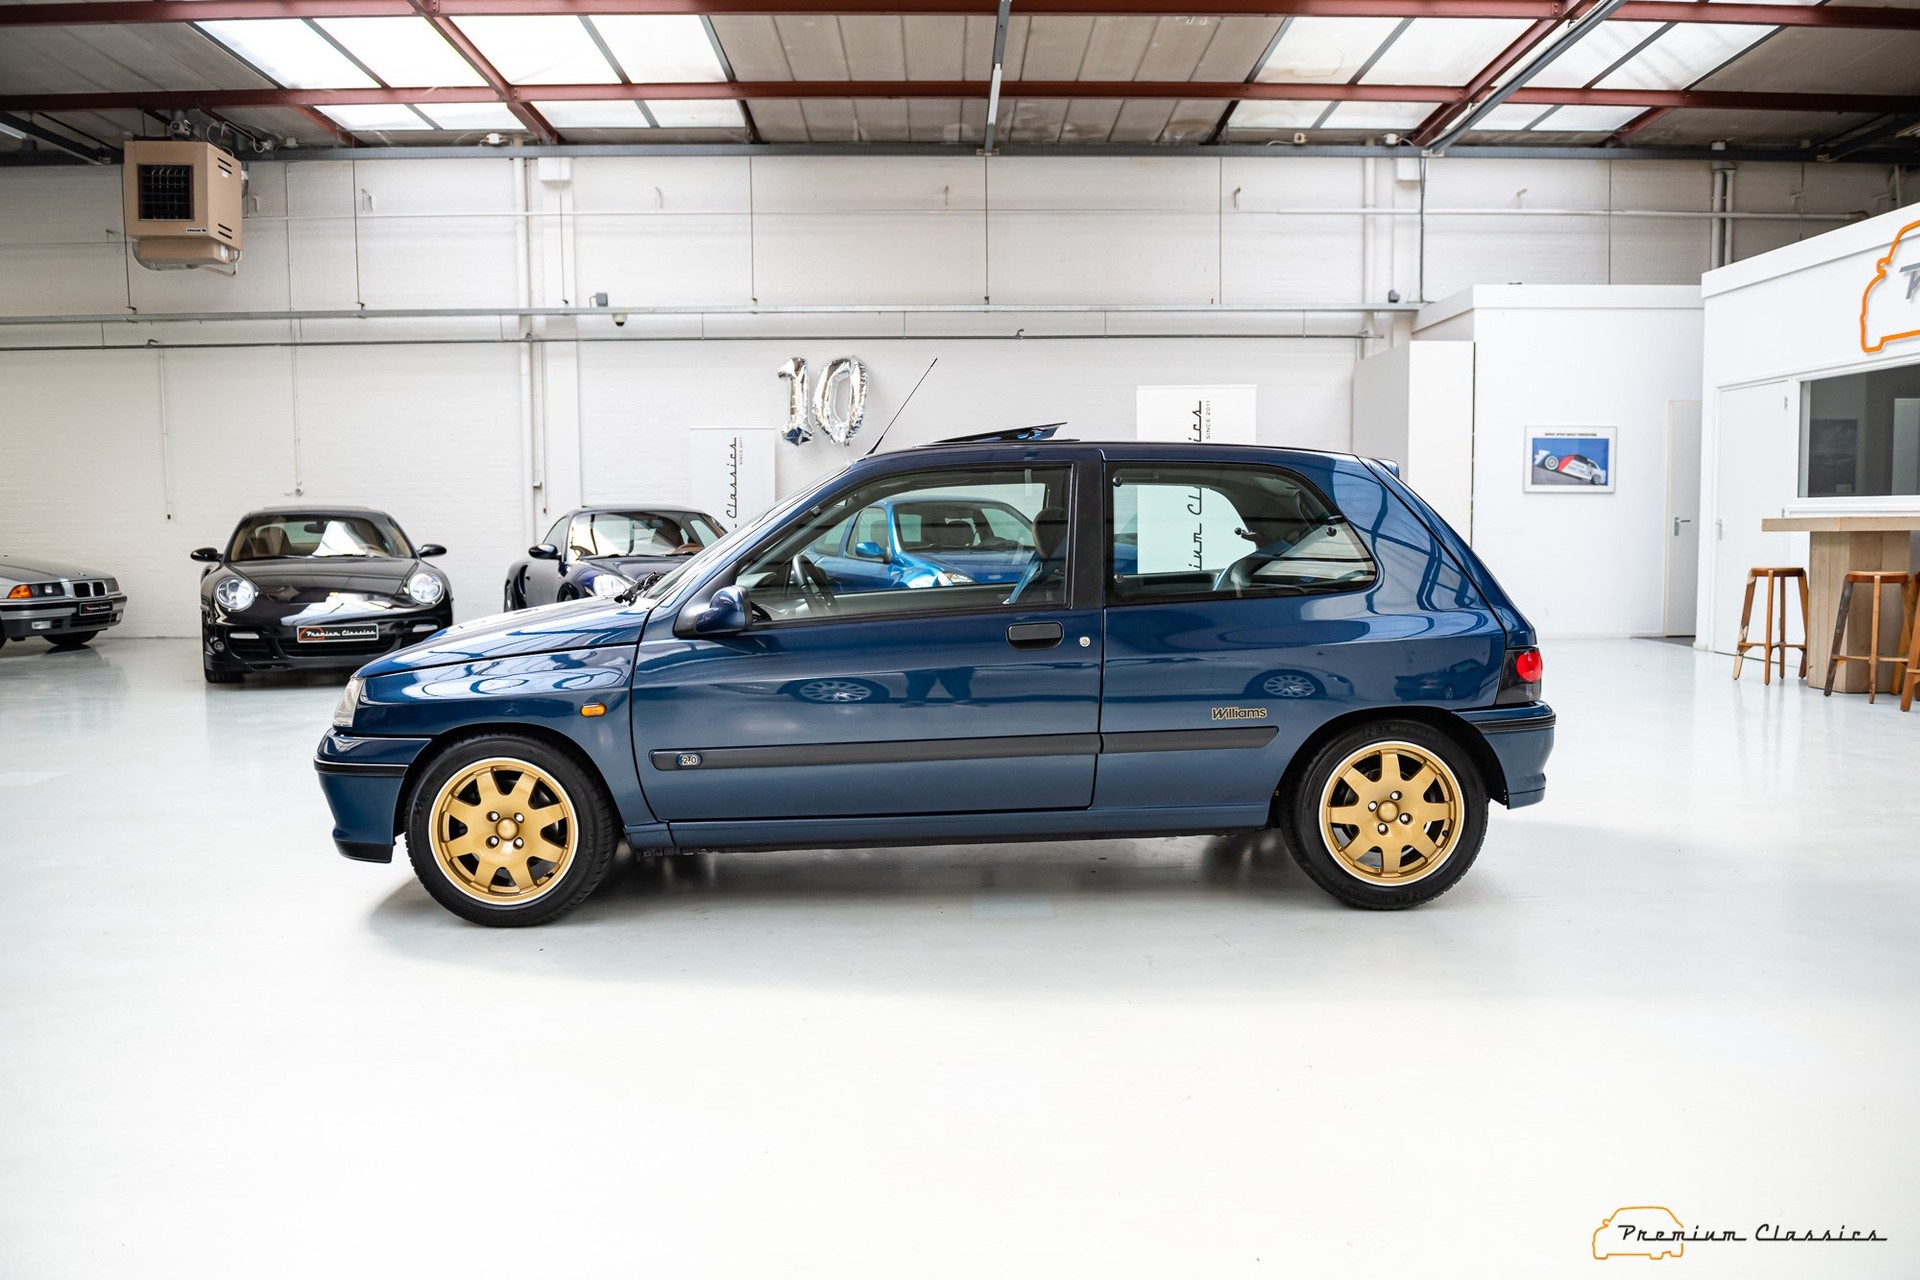 Renault_Clio_Williams_sale-0010